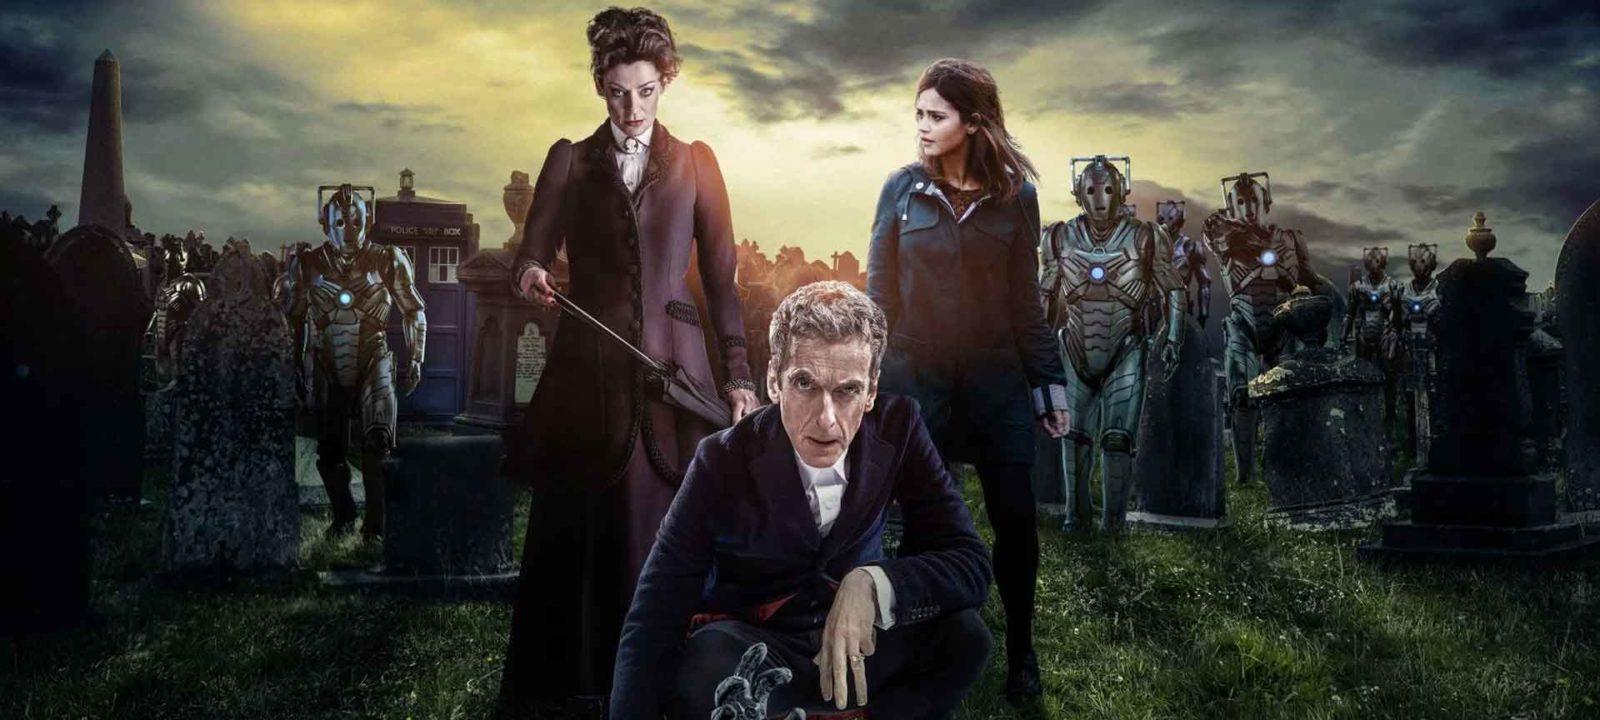 'Death in Heaven' (Photo: BBC)